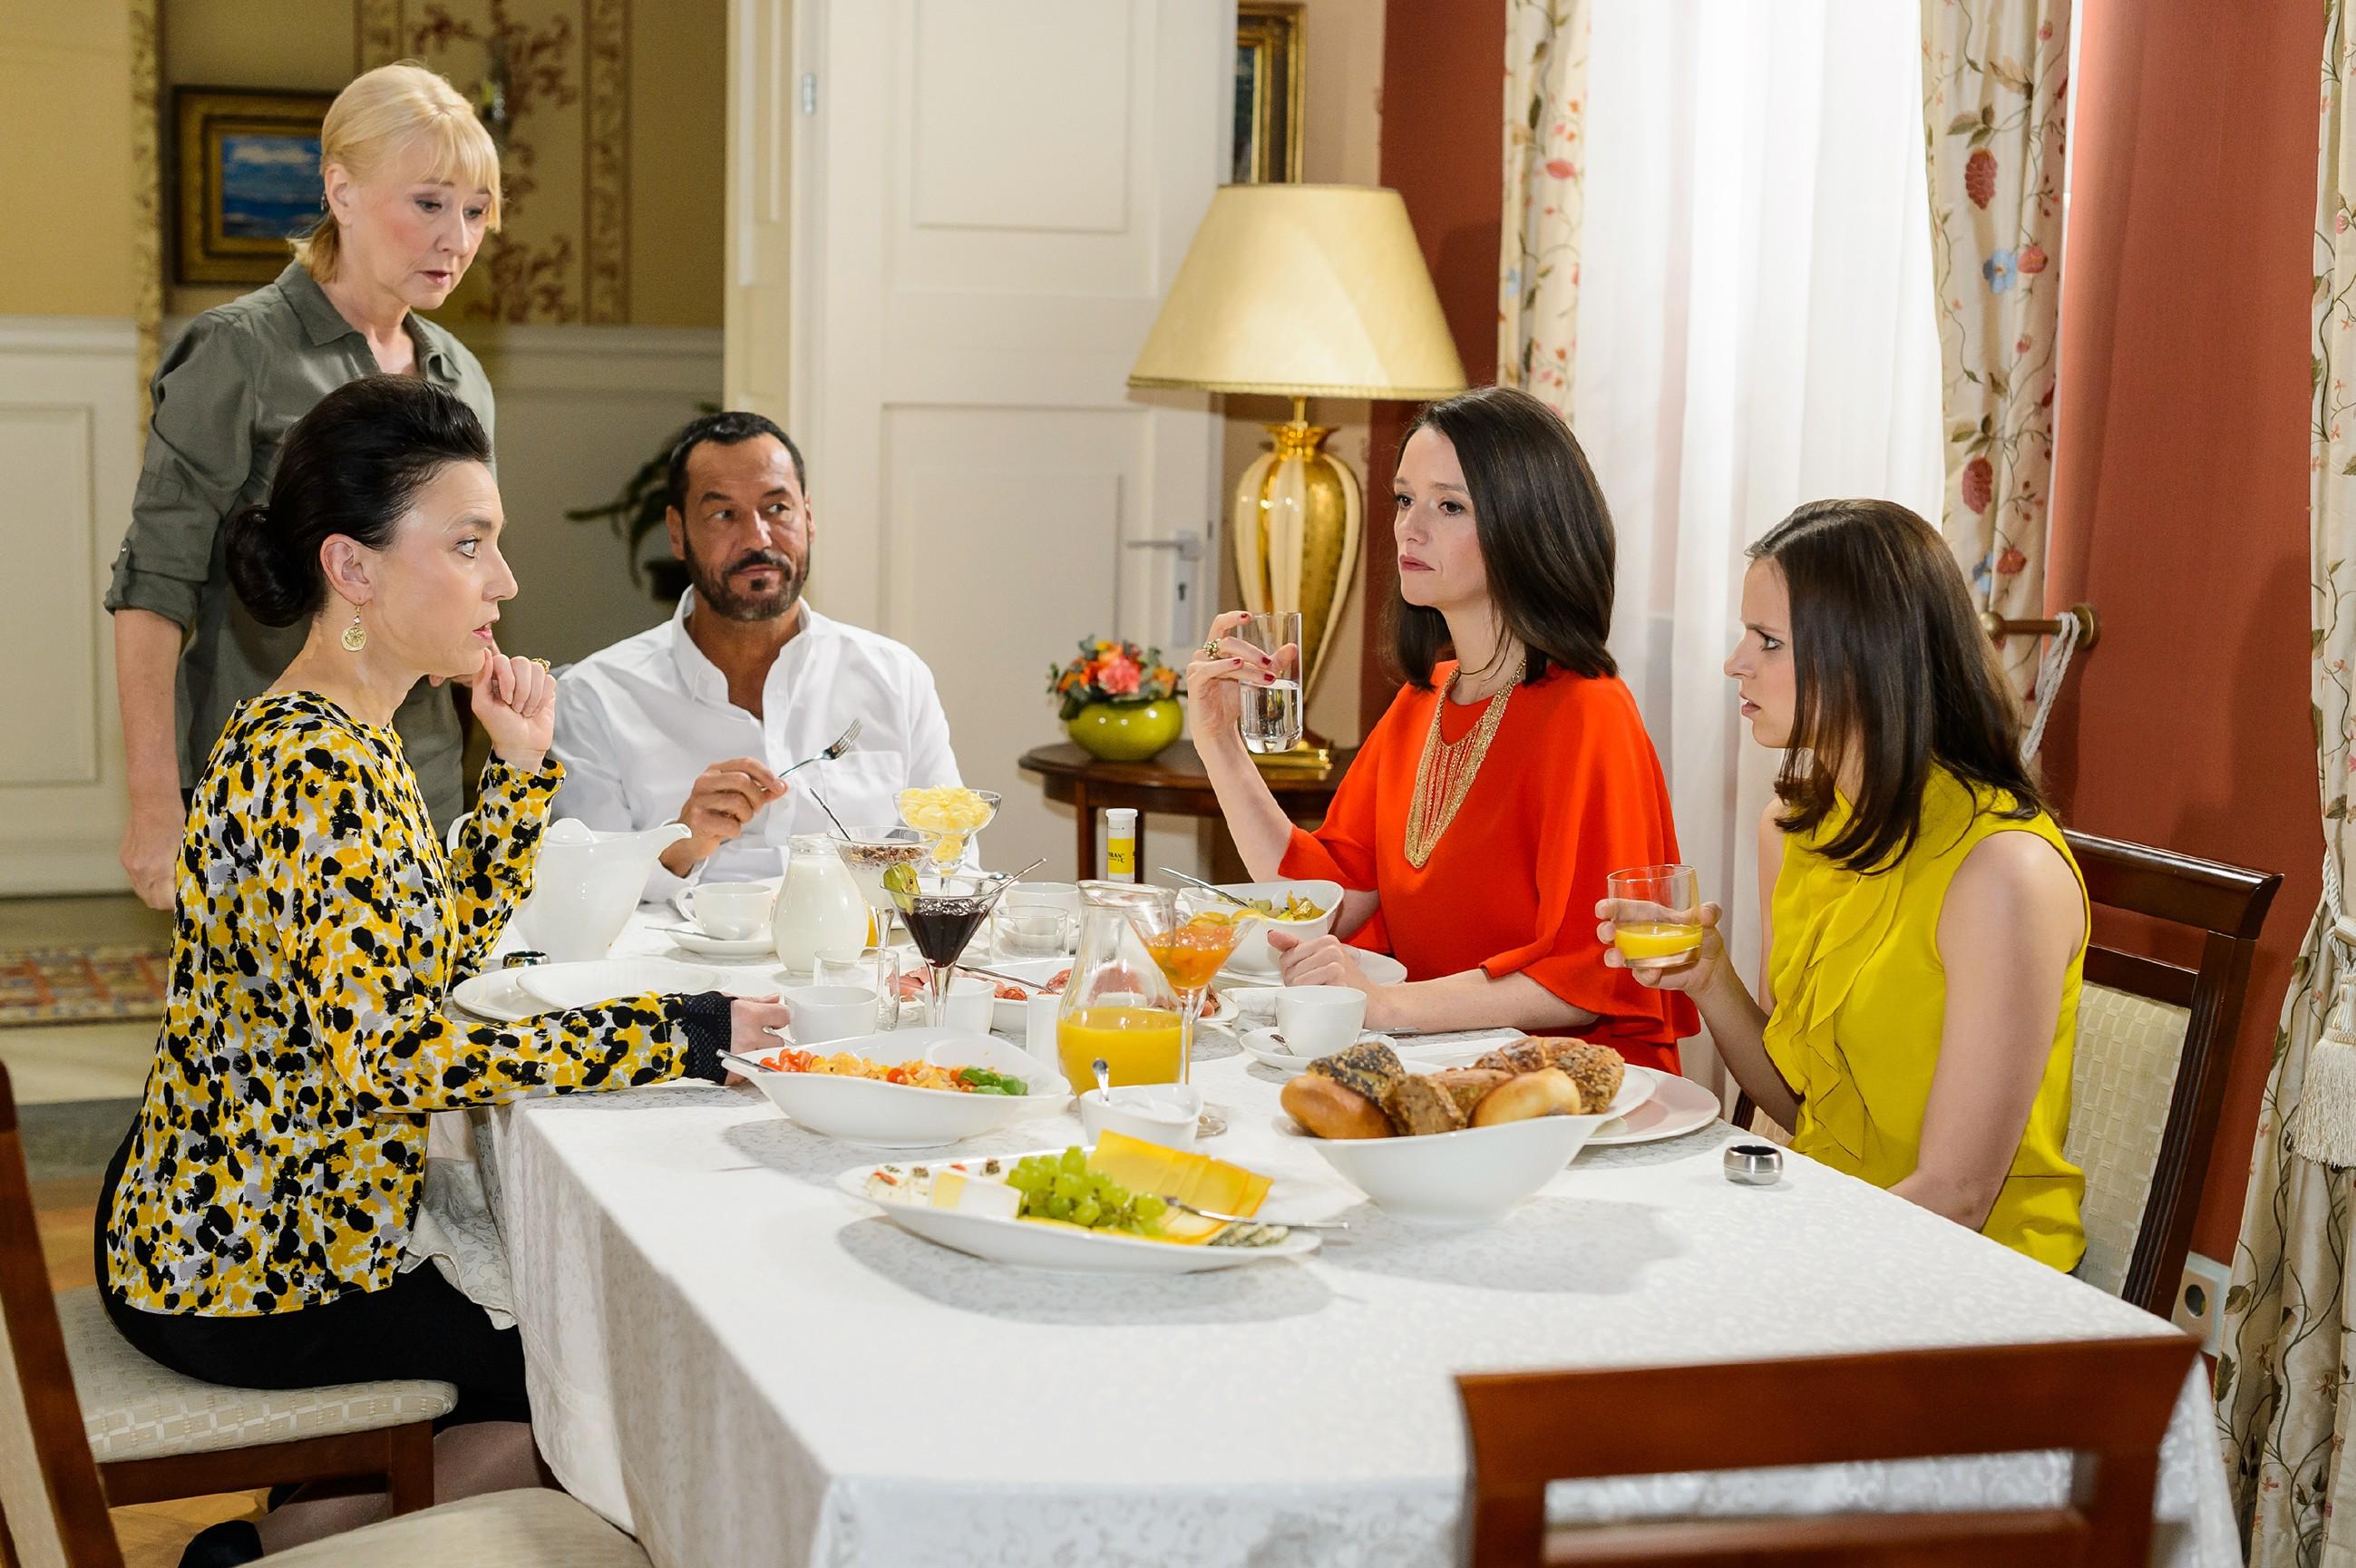 Jenny (Kaja Schmidt-Tychsen, 2.v.r.) bemüht sich nach ihrem Sex-Traum mit Deniz beim gemeinsamen Frühstück mit Simone (Tatjana Clasing, l.), Richard (Silvan-Pierre Leirich) und Michelle (Franziska Benz, 2.) um Sachlichkeit. Frau Scholz (Inge Brings, steh.) ist wie immer bedacht auf das Wohl der Familie. (Quelle: RTL / Willi Weber)